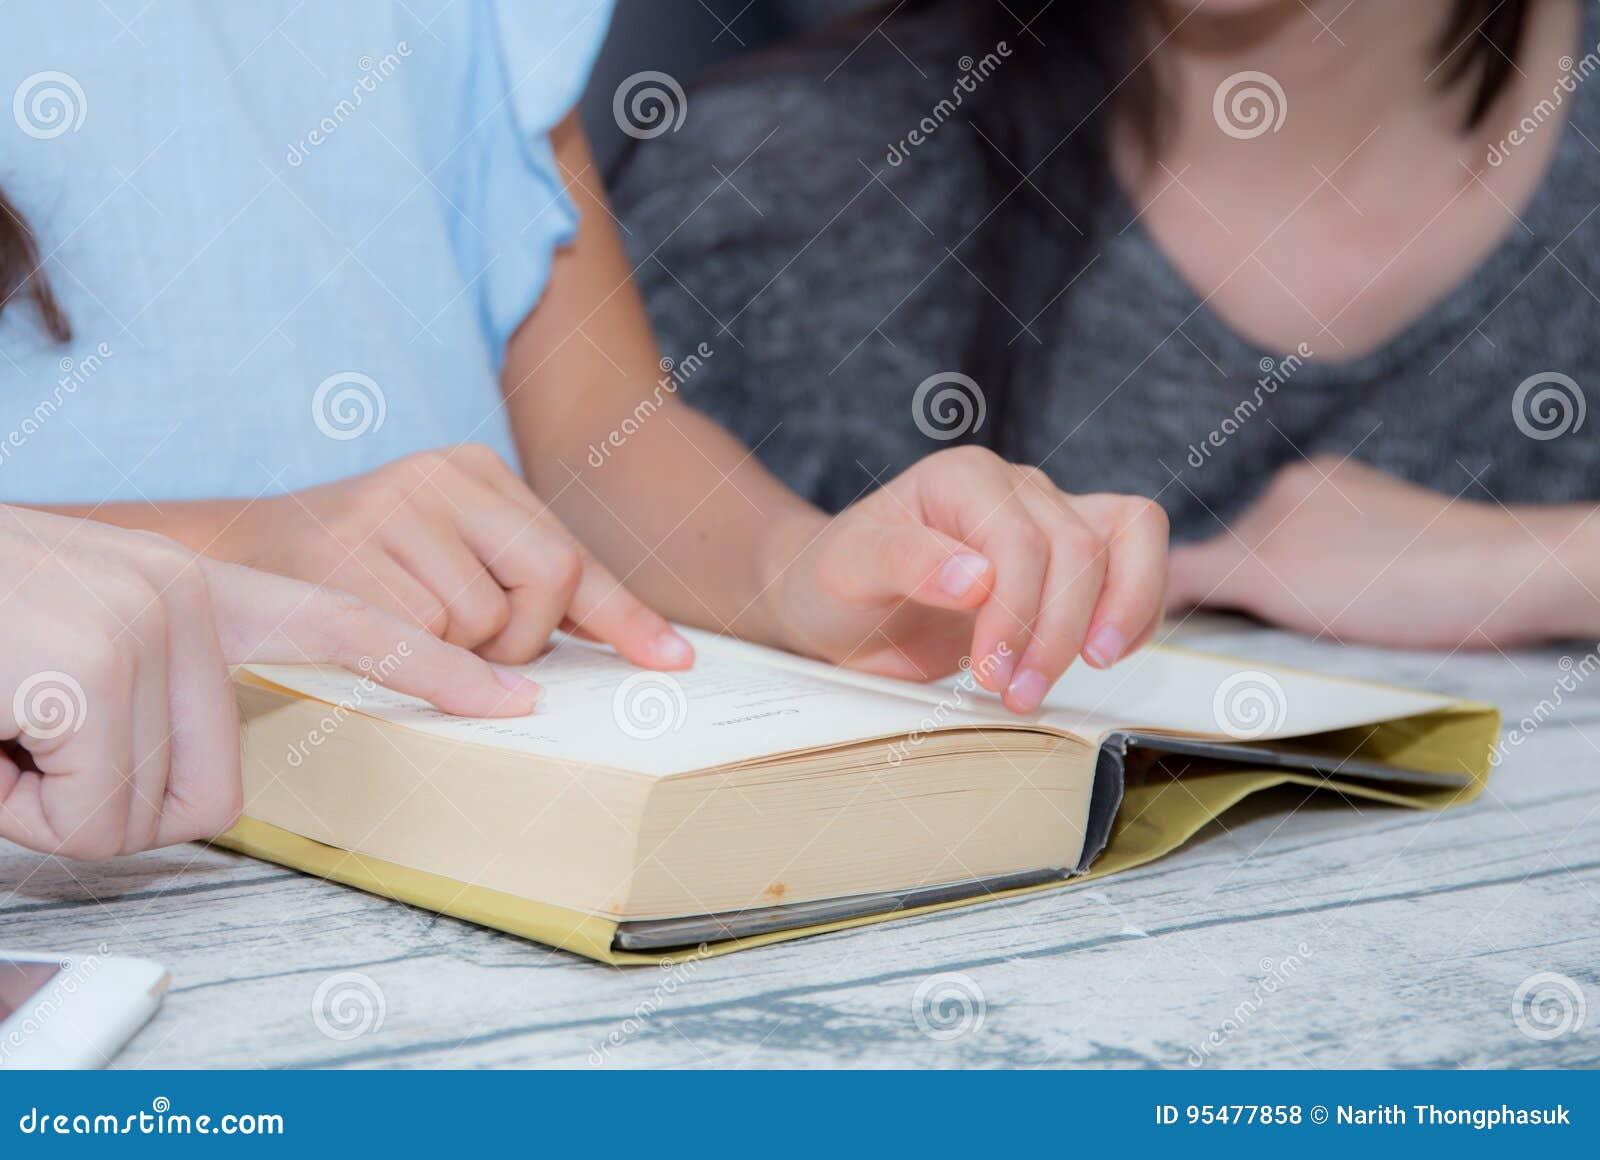 Szczęśliwy rodziny córki i matki nauczanie czyta książkę w domu